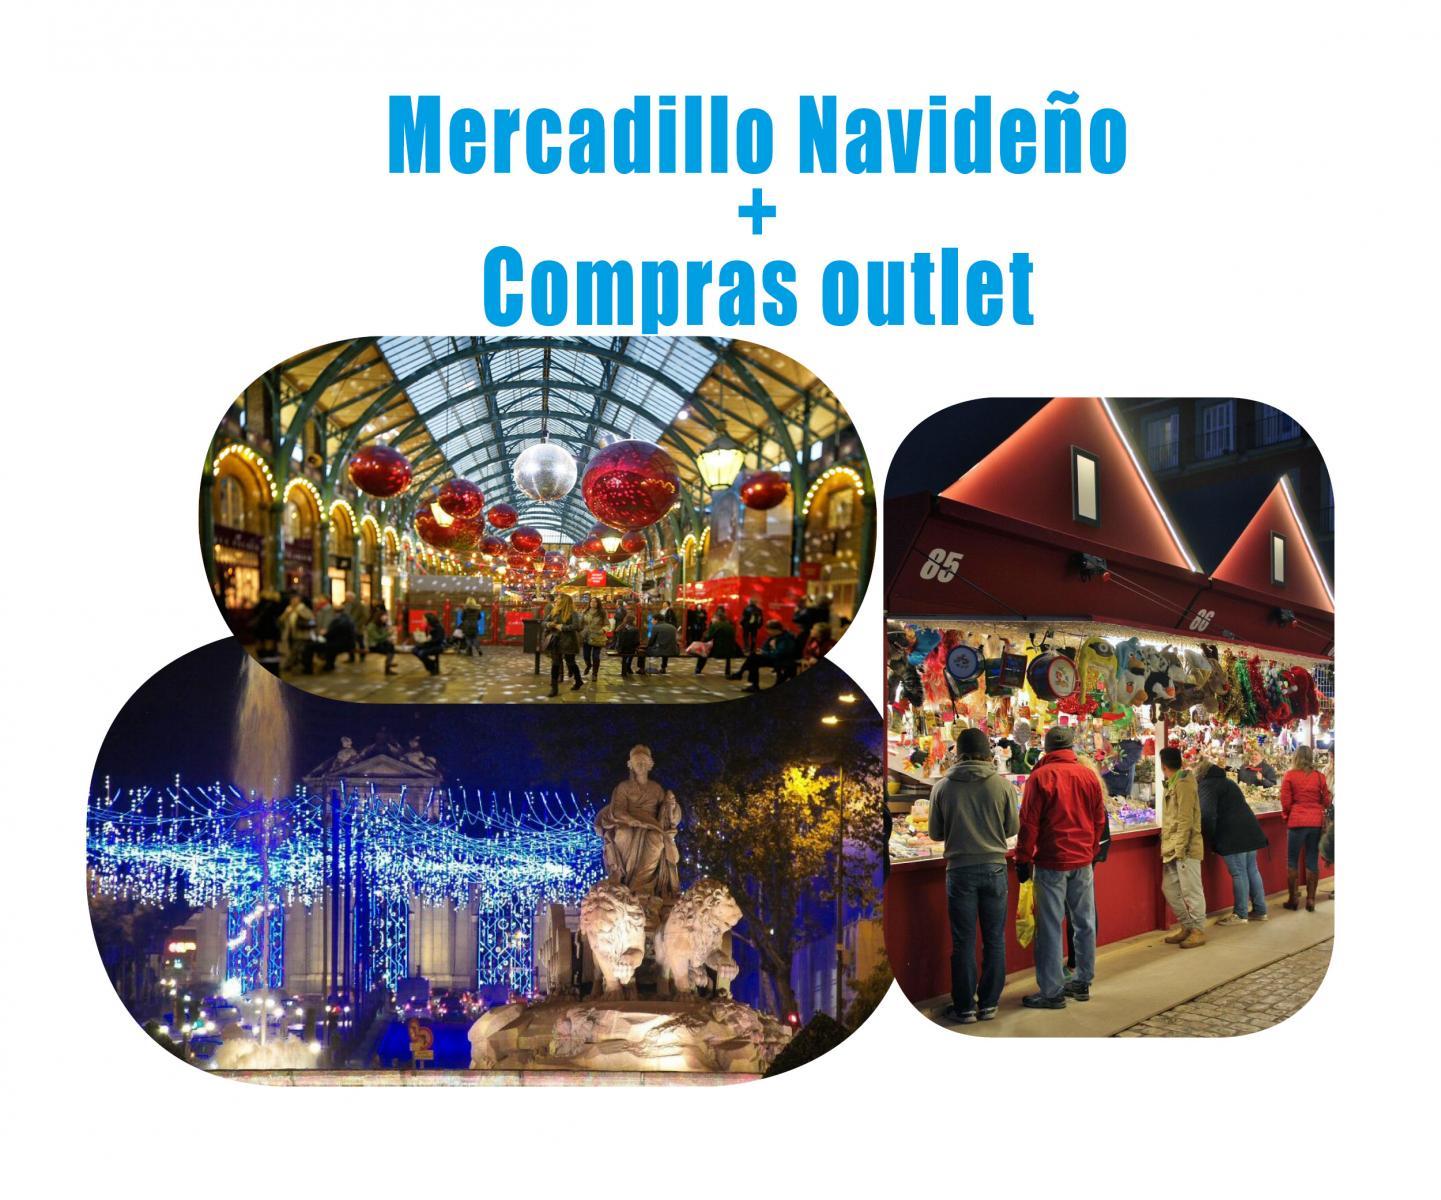 Mercadillo Navideño + Compras outlet#15 Diciembre